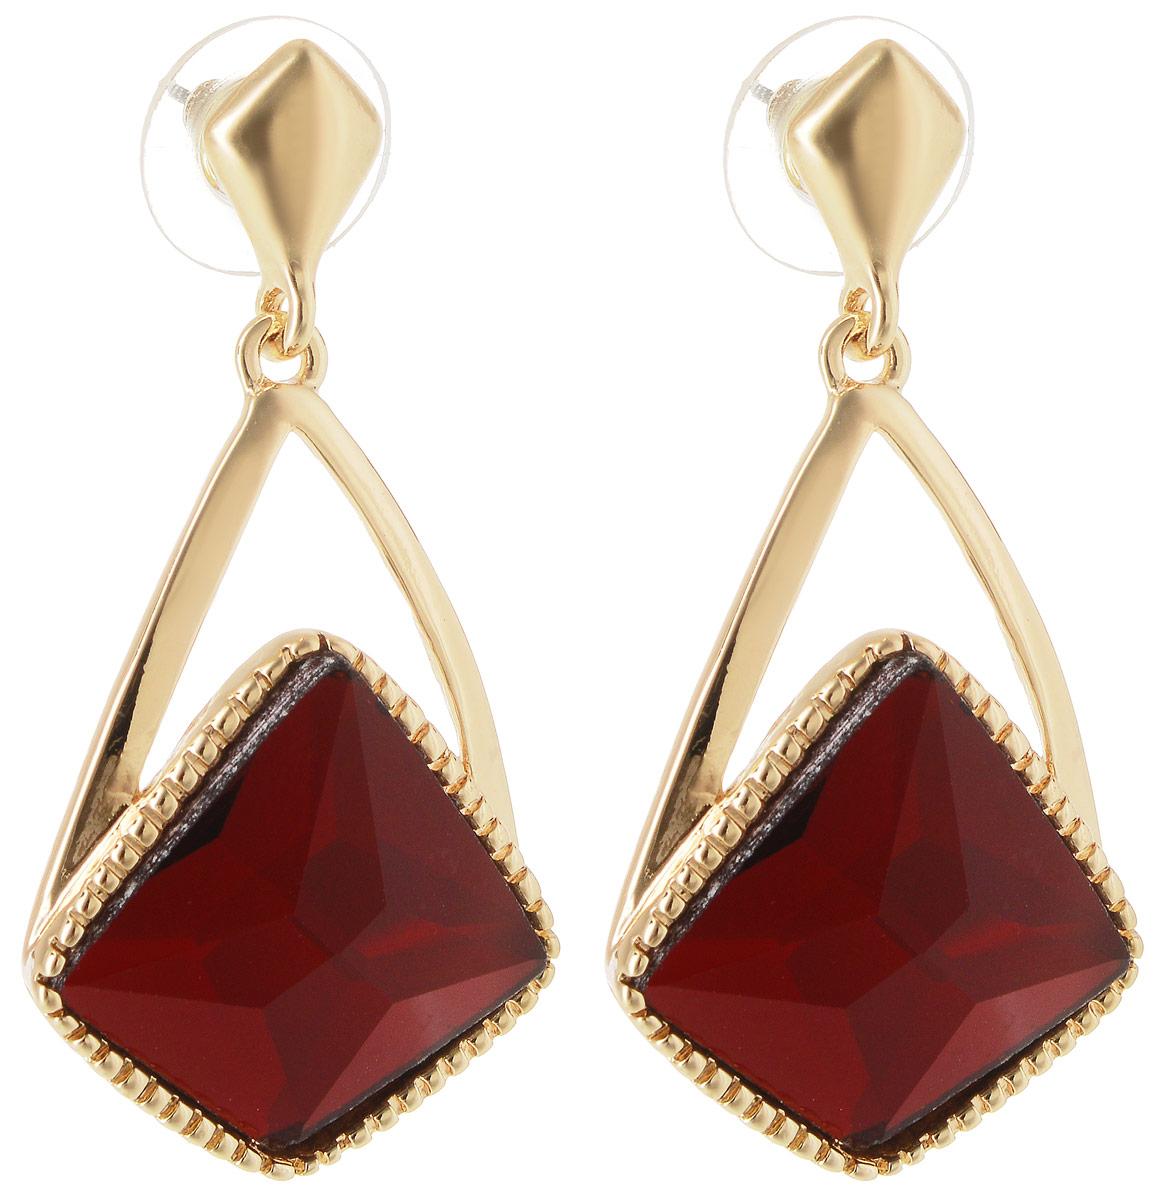 Серьги Taya, цвет: золотистый, красный. T-B-10737T-B-10737-EARR-GL.REDСерьги-гвоздики Taya имеют удобную заглушку из металла-пластика. Изящные серьги-качели с крупным рубиново-красным кристаллом необычной формы. Так как кристалл не обрамлен, он смотрится очень выигрышно за счет искусной огранки и полупрозрачности камня.